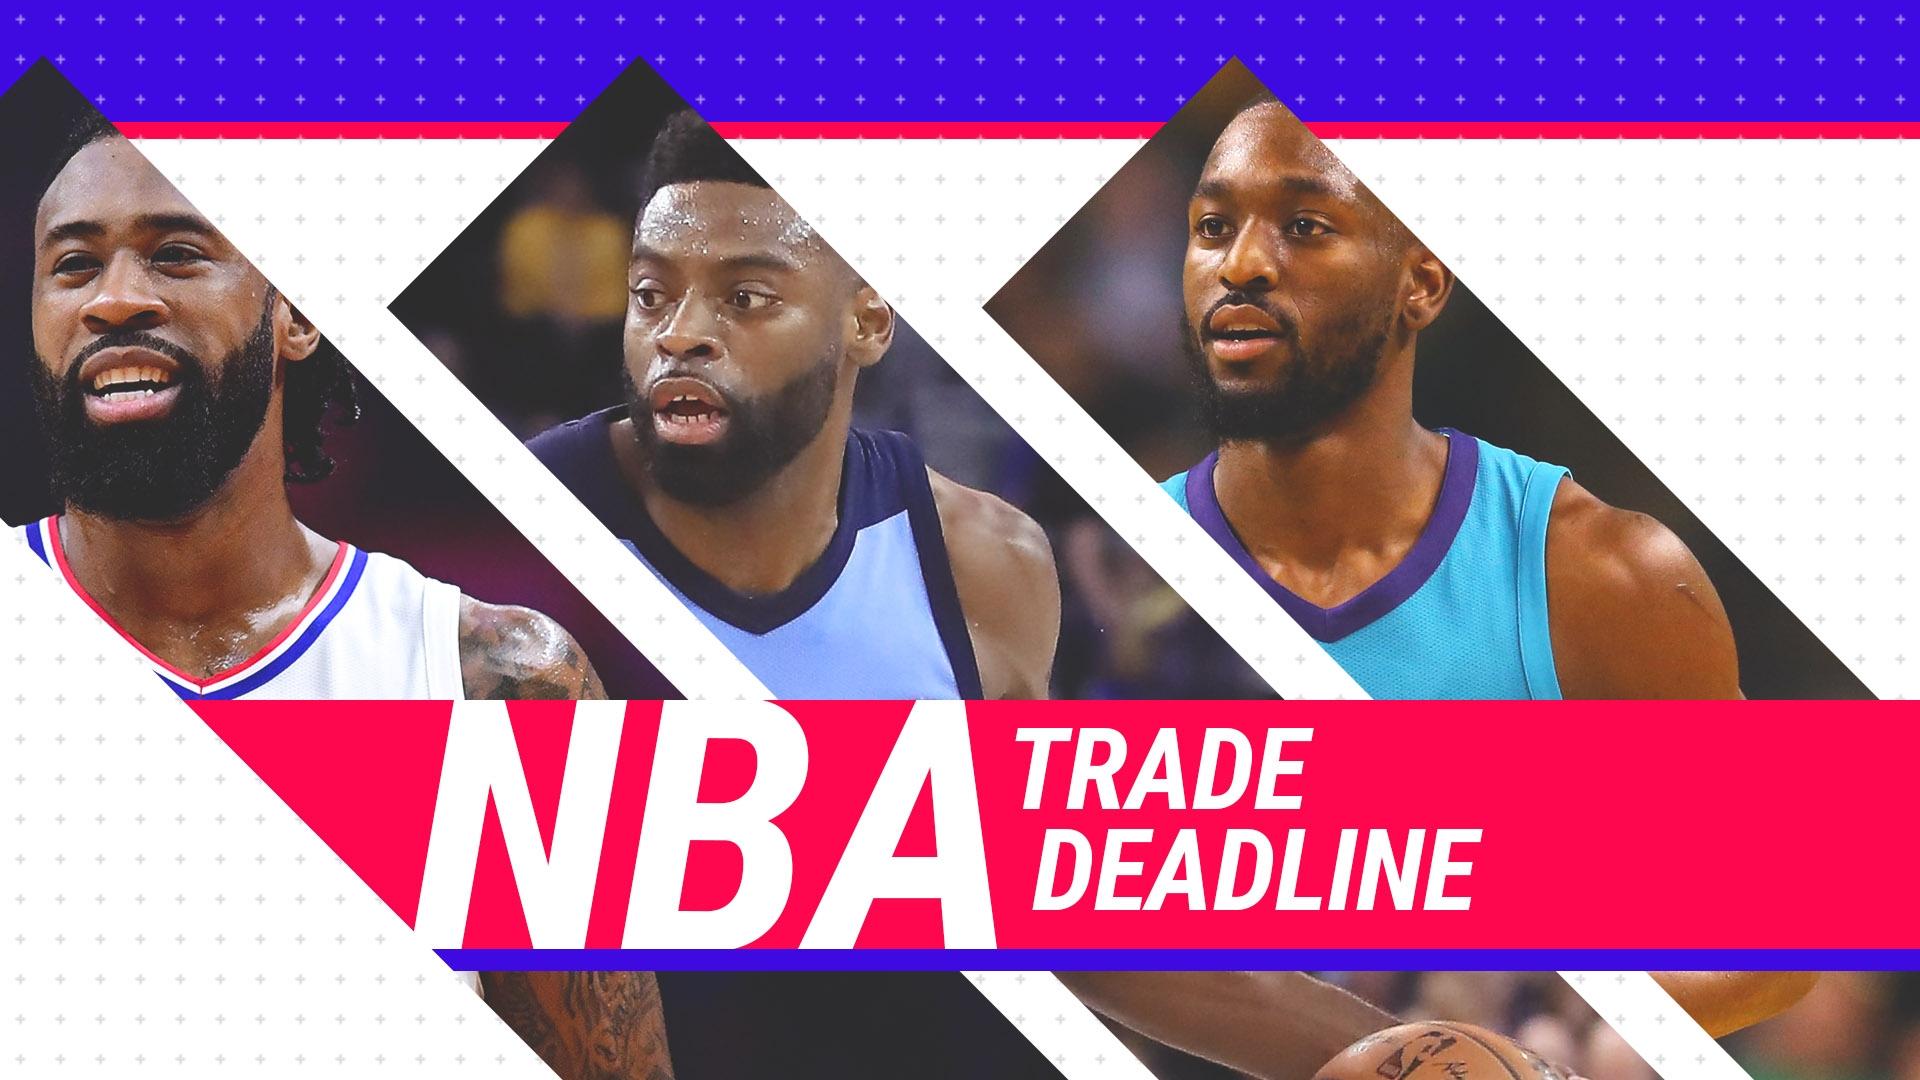 Nba trade deadline date in Brisbane